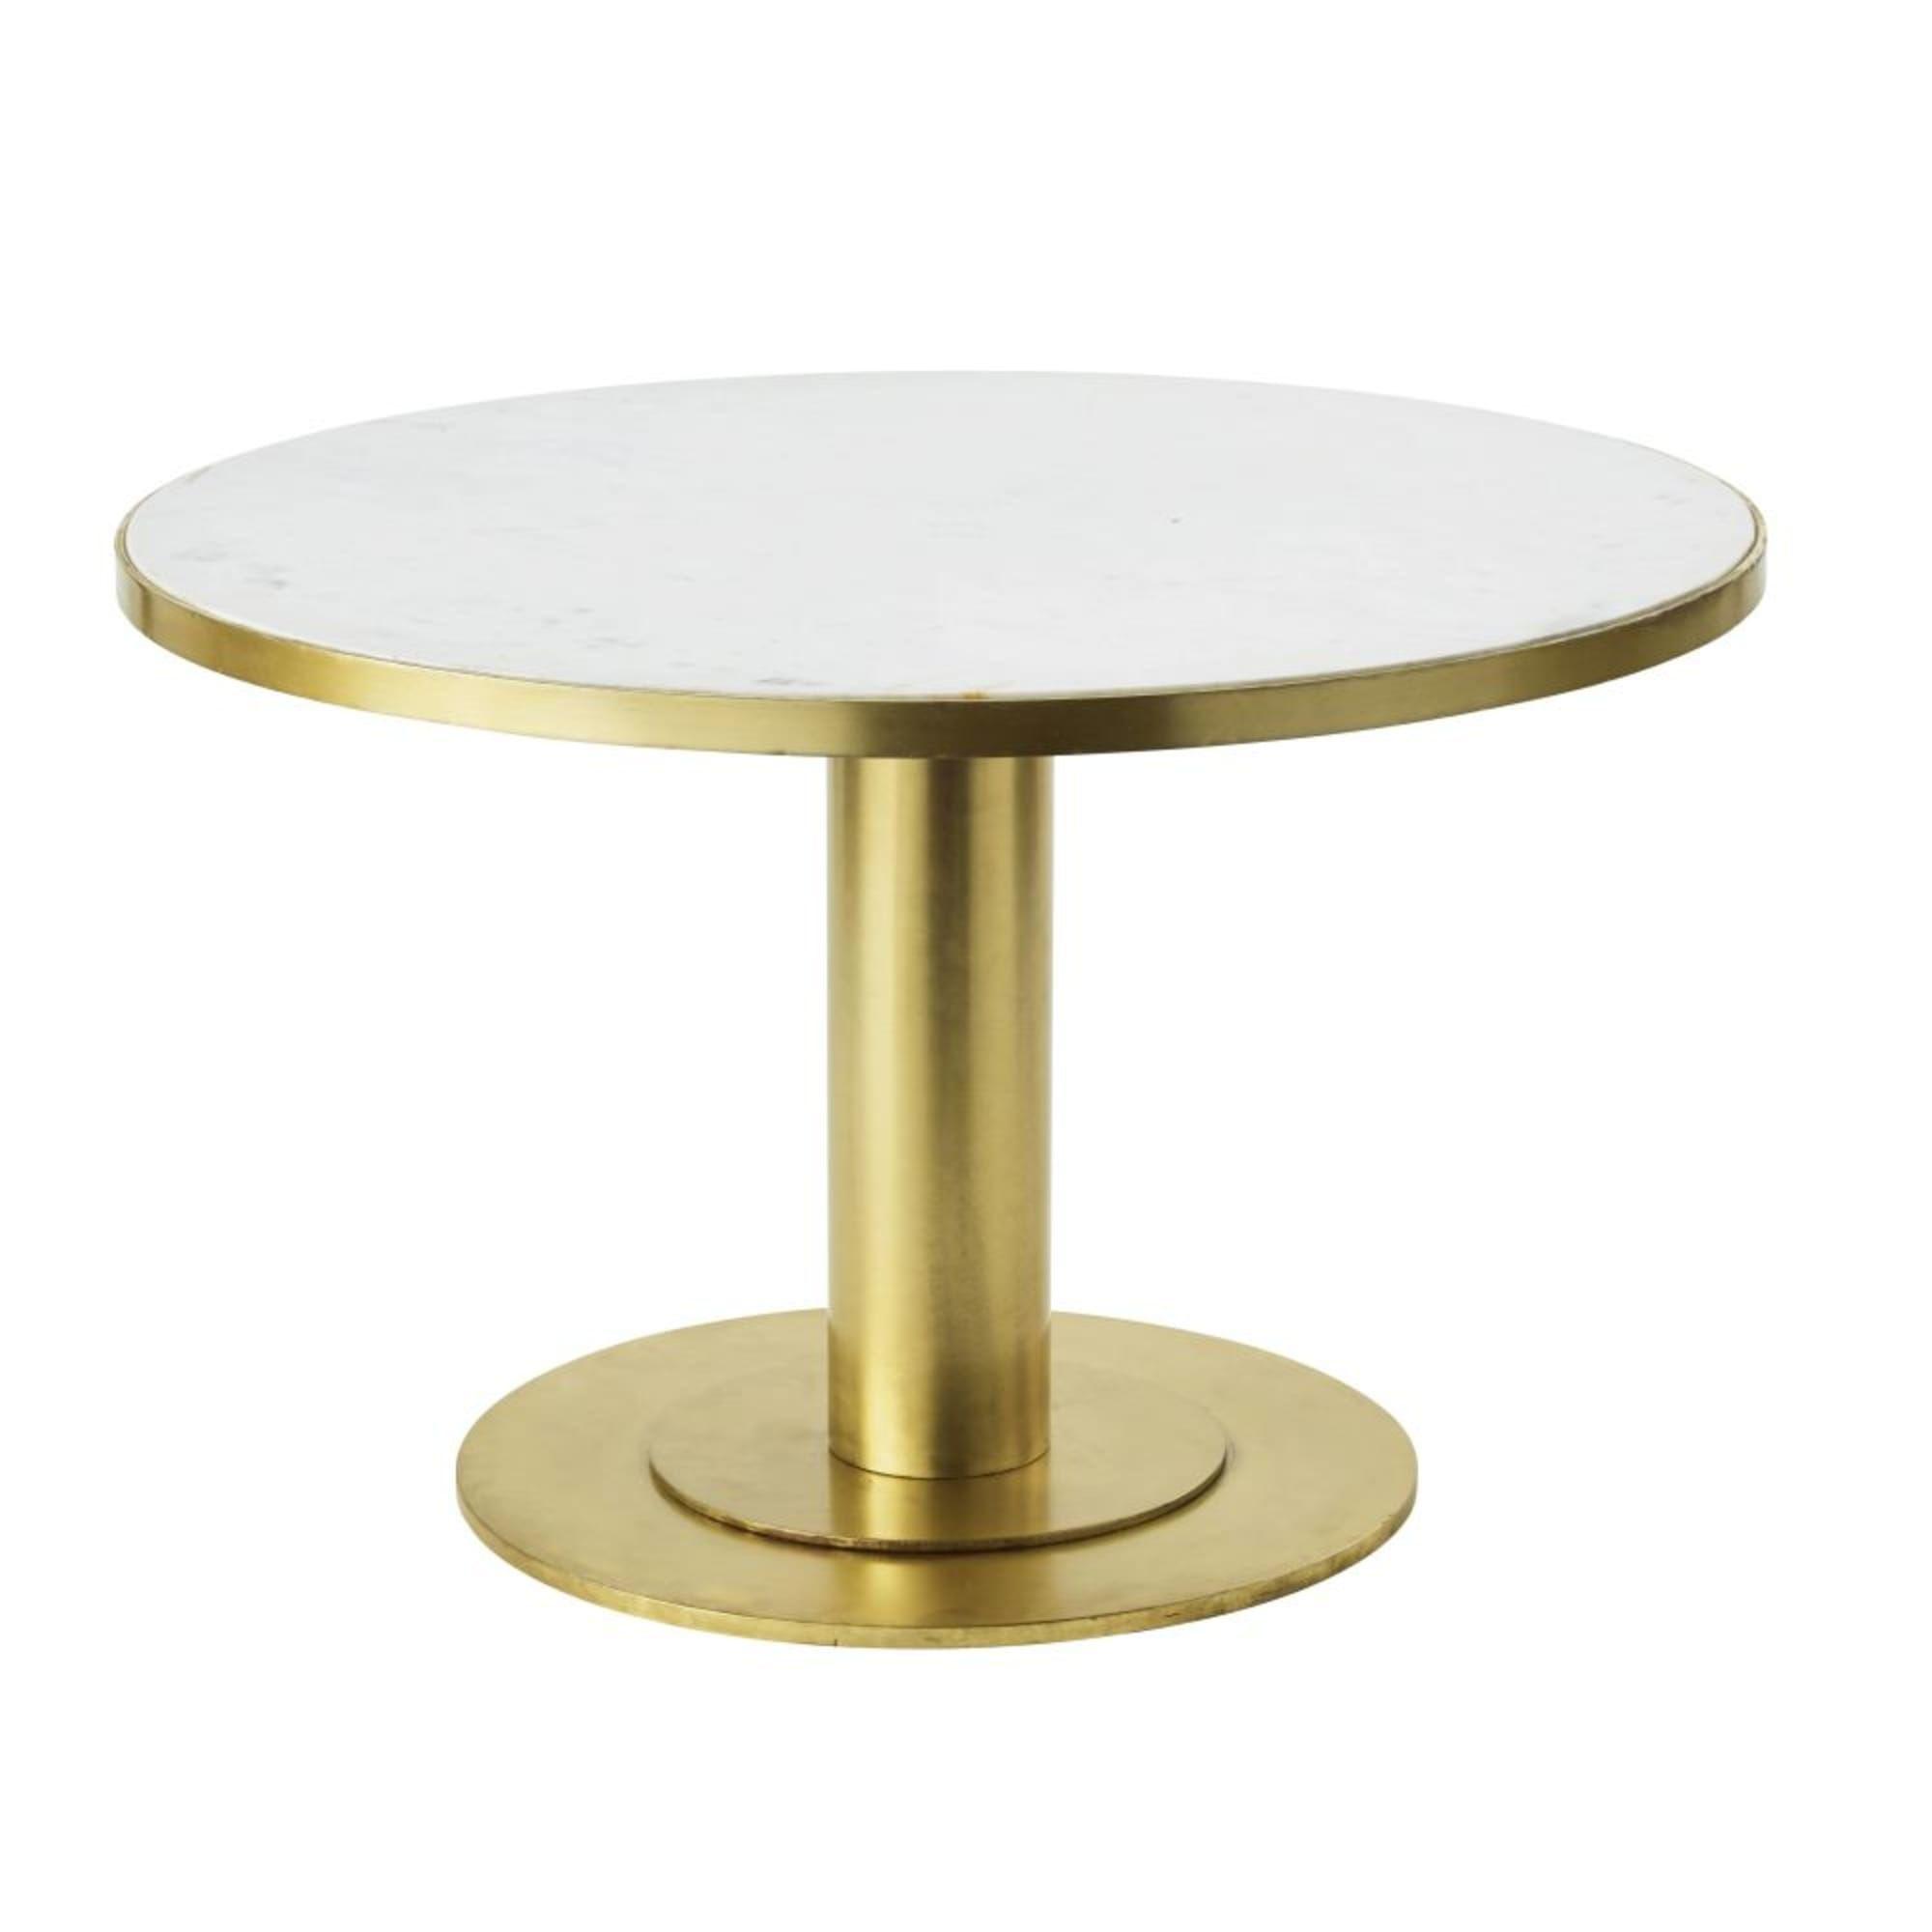 Table Basse Ronde En Marbre Blanc Et Metal Coloris Laiton Louxor Maisons Du Monde En 2020 Table Basse Ronde Marbre Blanc Maison Du Monde Table Basse